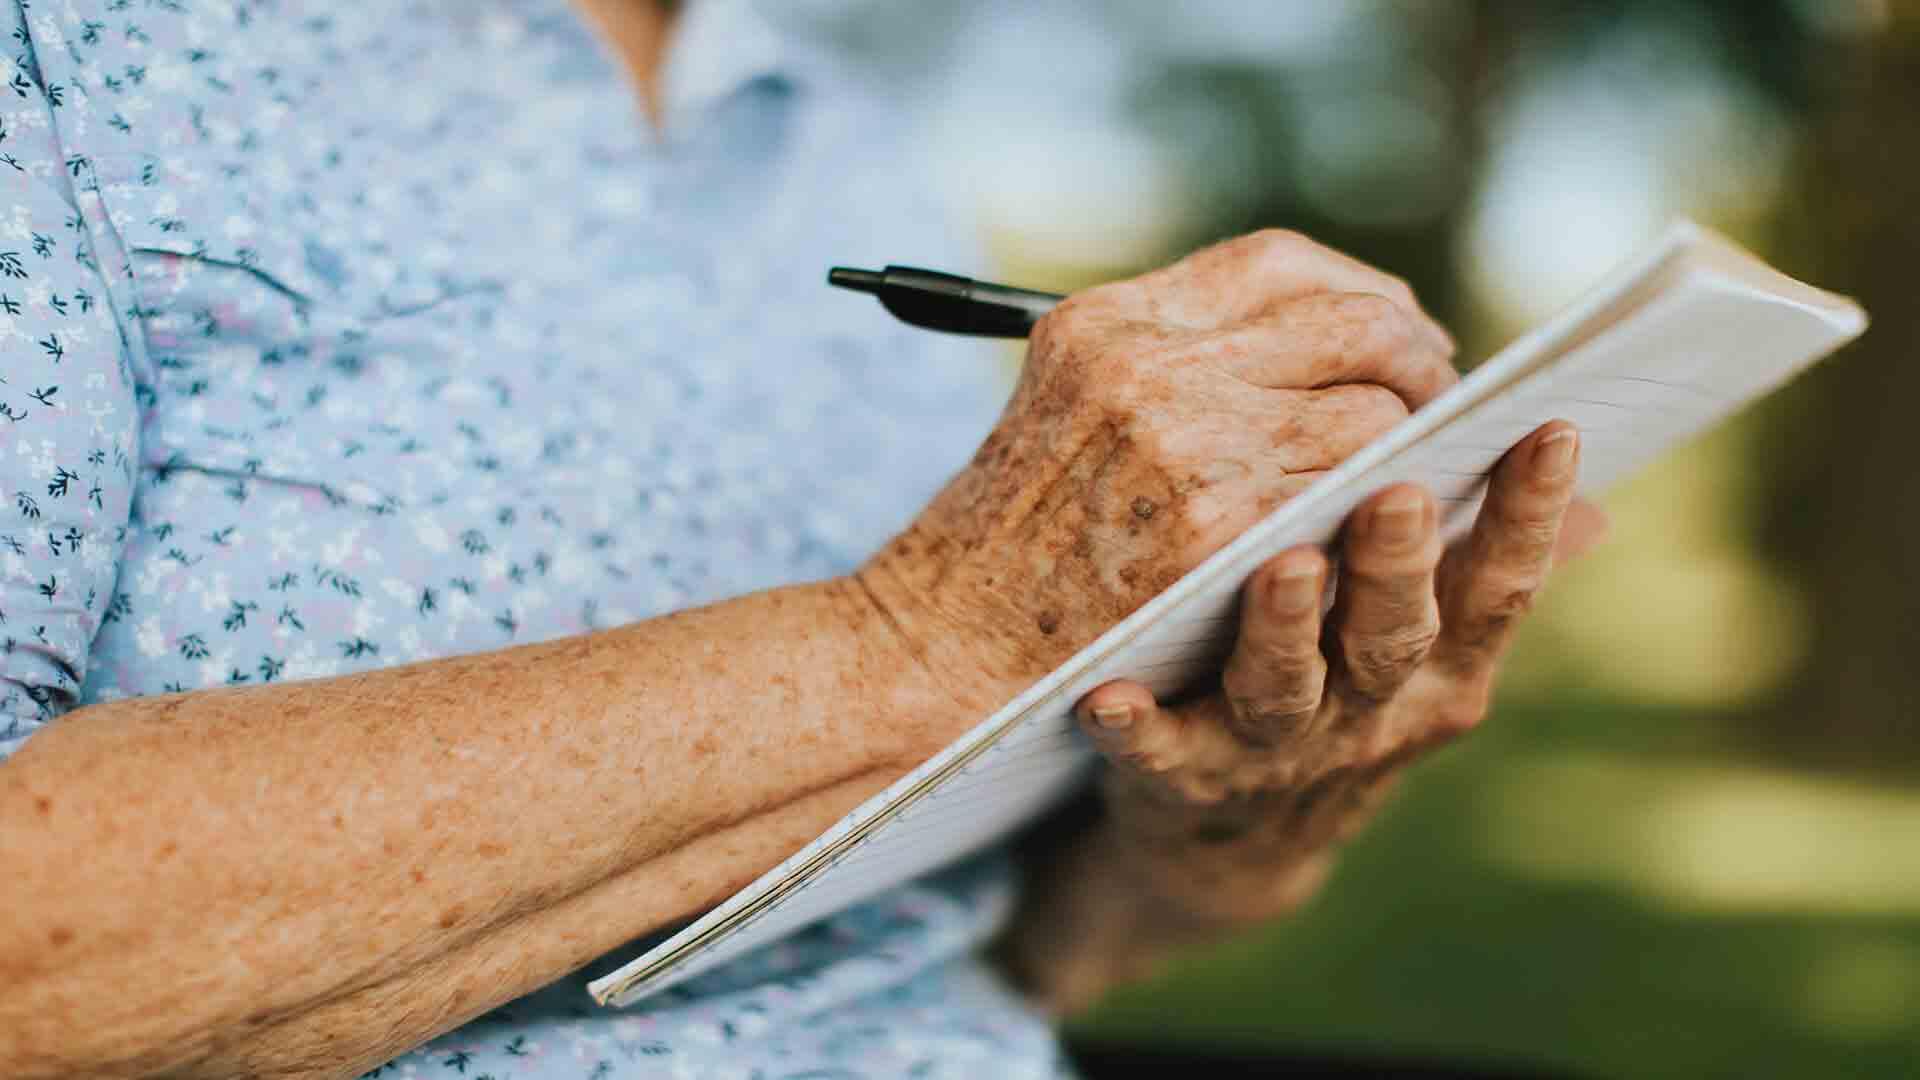 اختلال تکلم در سالمندان مرکز پارسیان مهرپرور